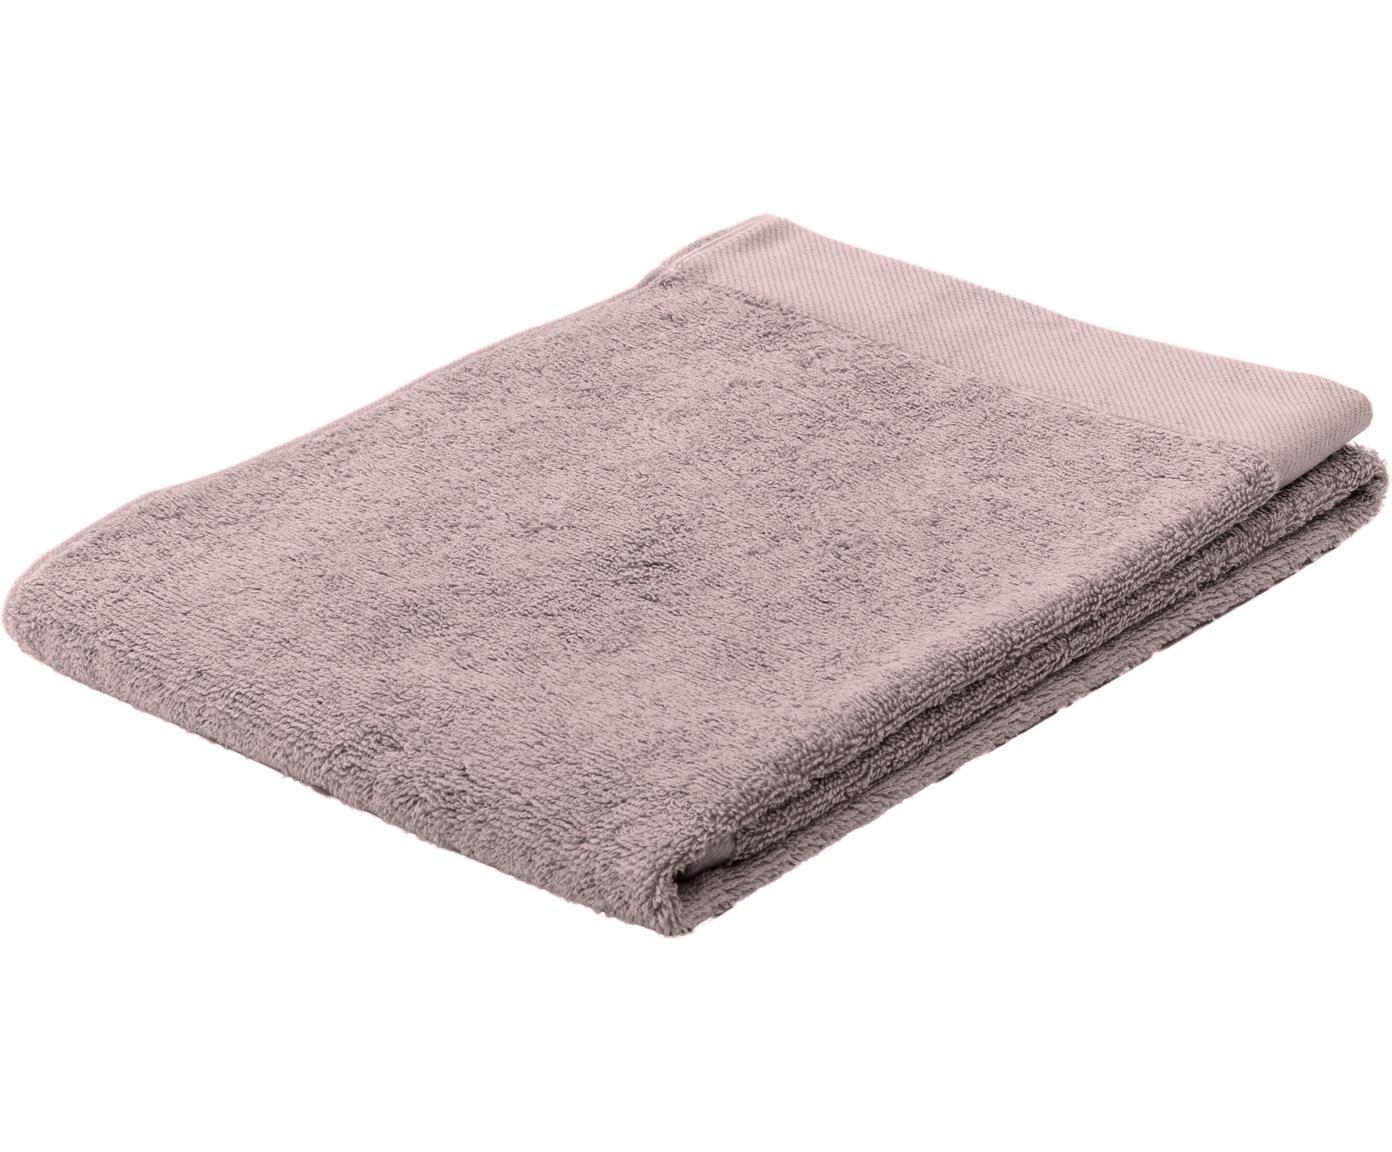 Handtuch Blend in verschiedenen Grössen, aus recyceltem Baumwoll-Mix, Puderrosa, Gästehandtuch